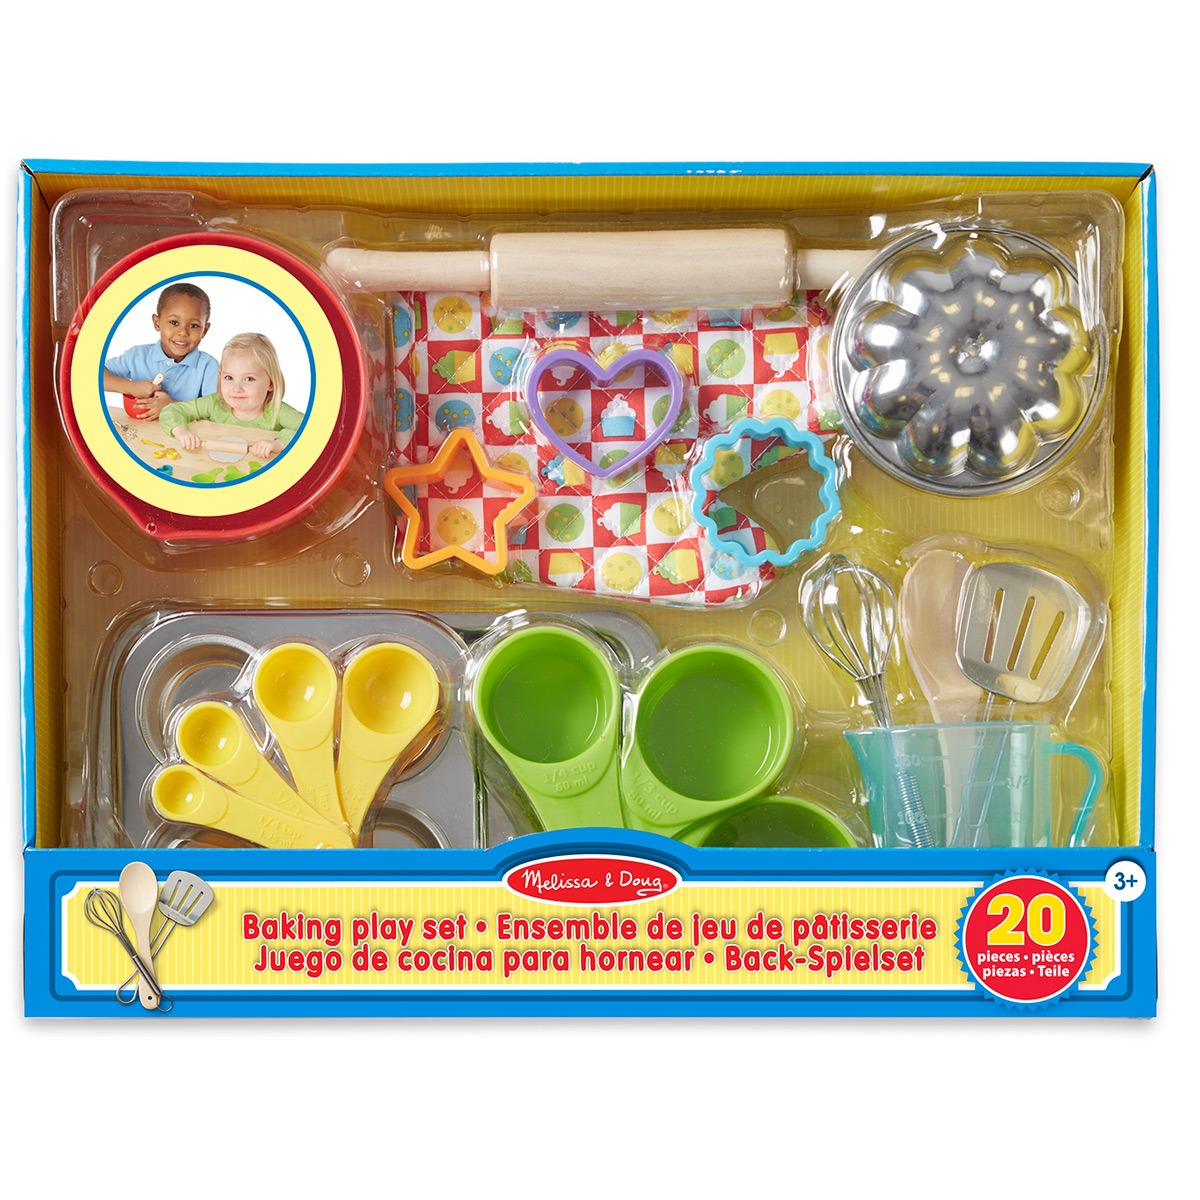 Melissa & Doug - Back-Spielset für die Kinderküche - 19356 - Pirum